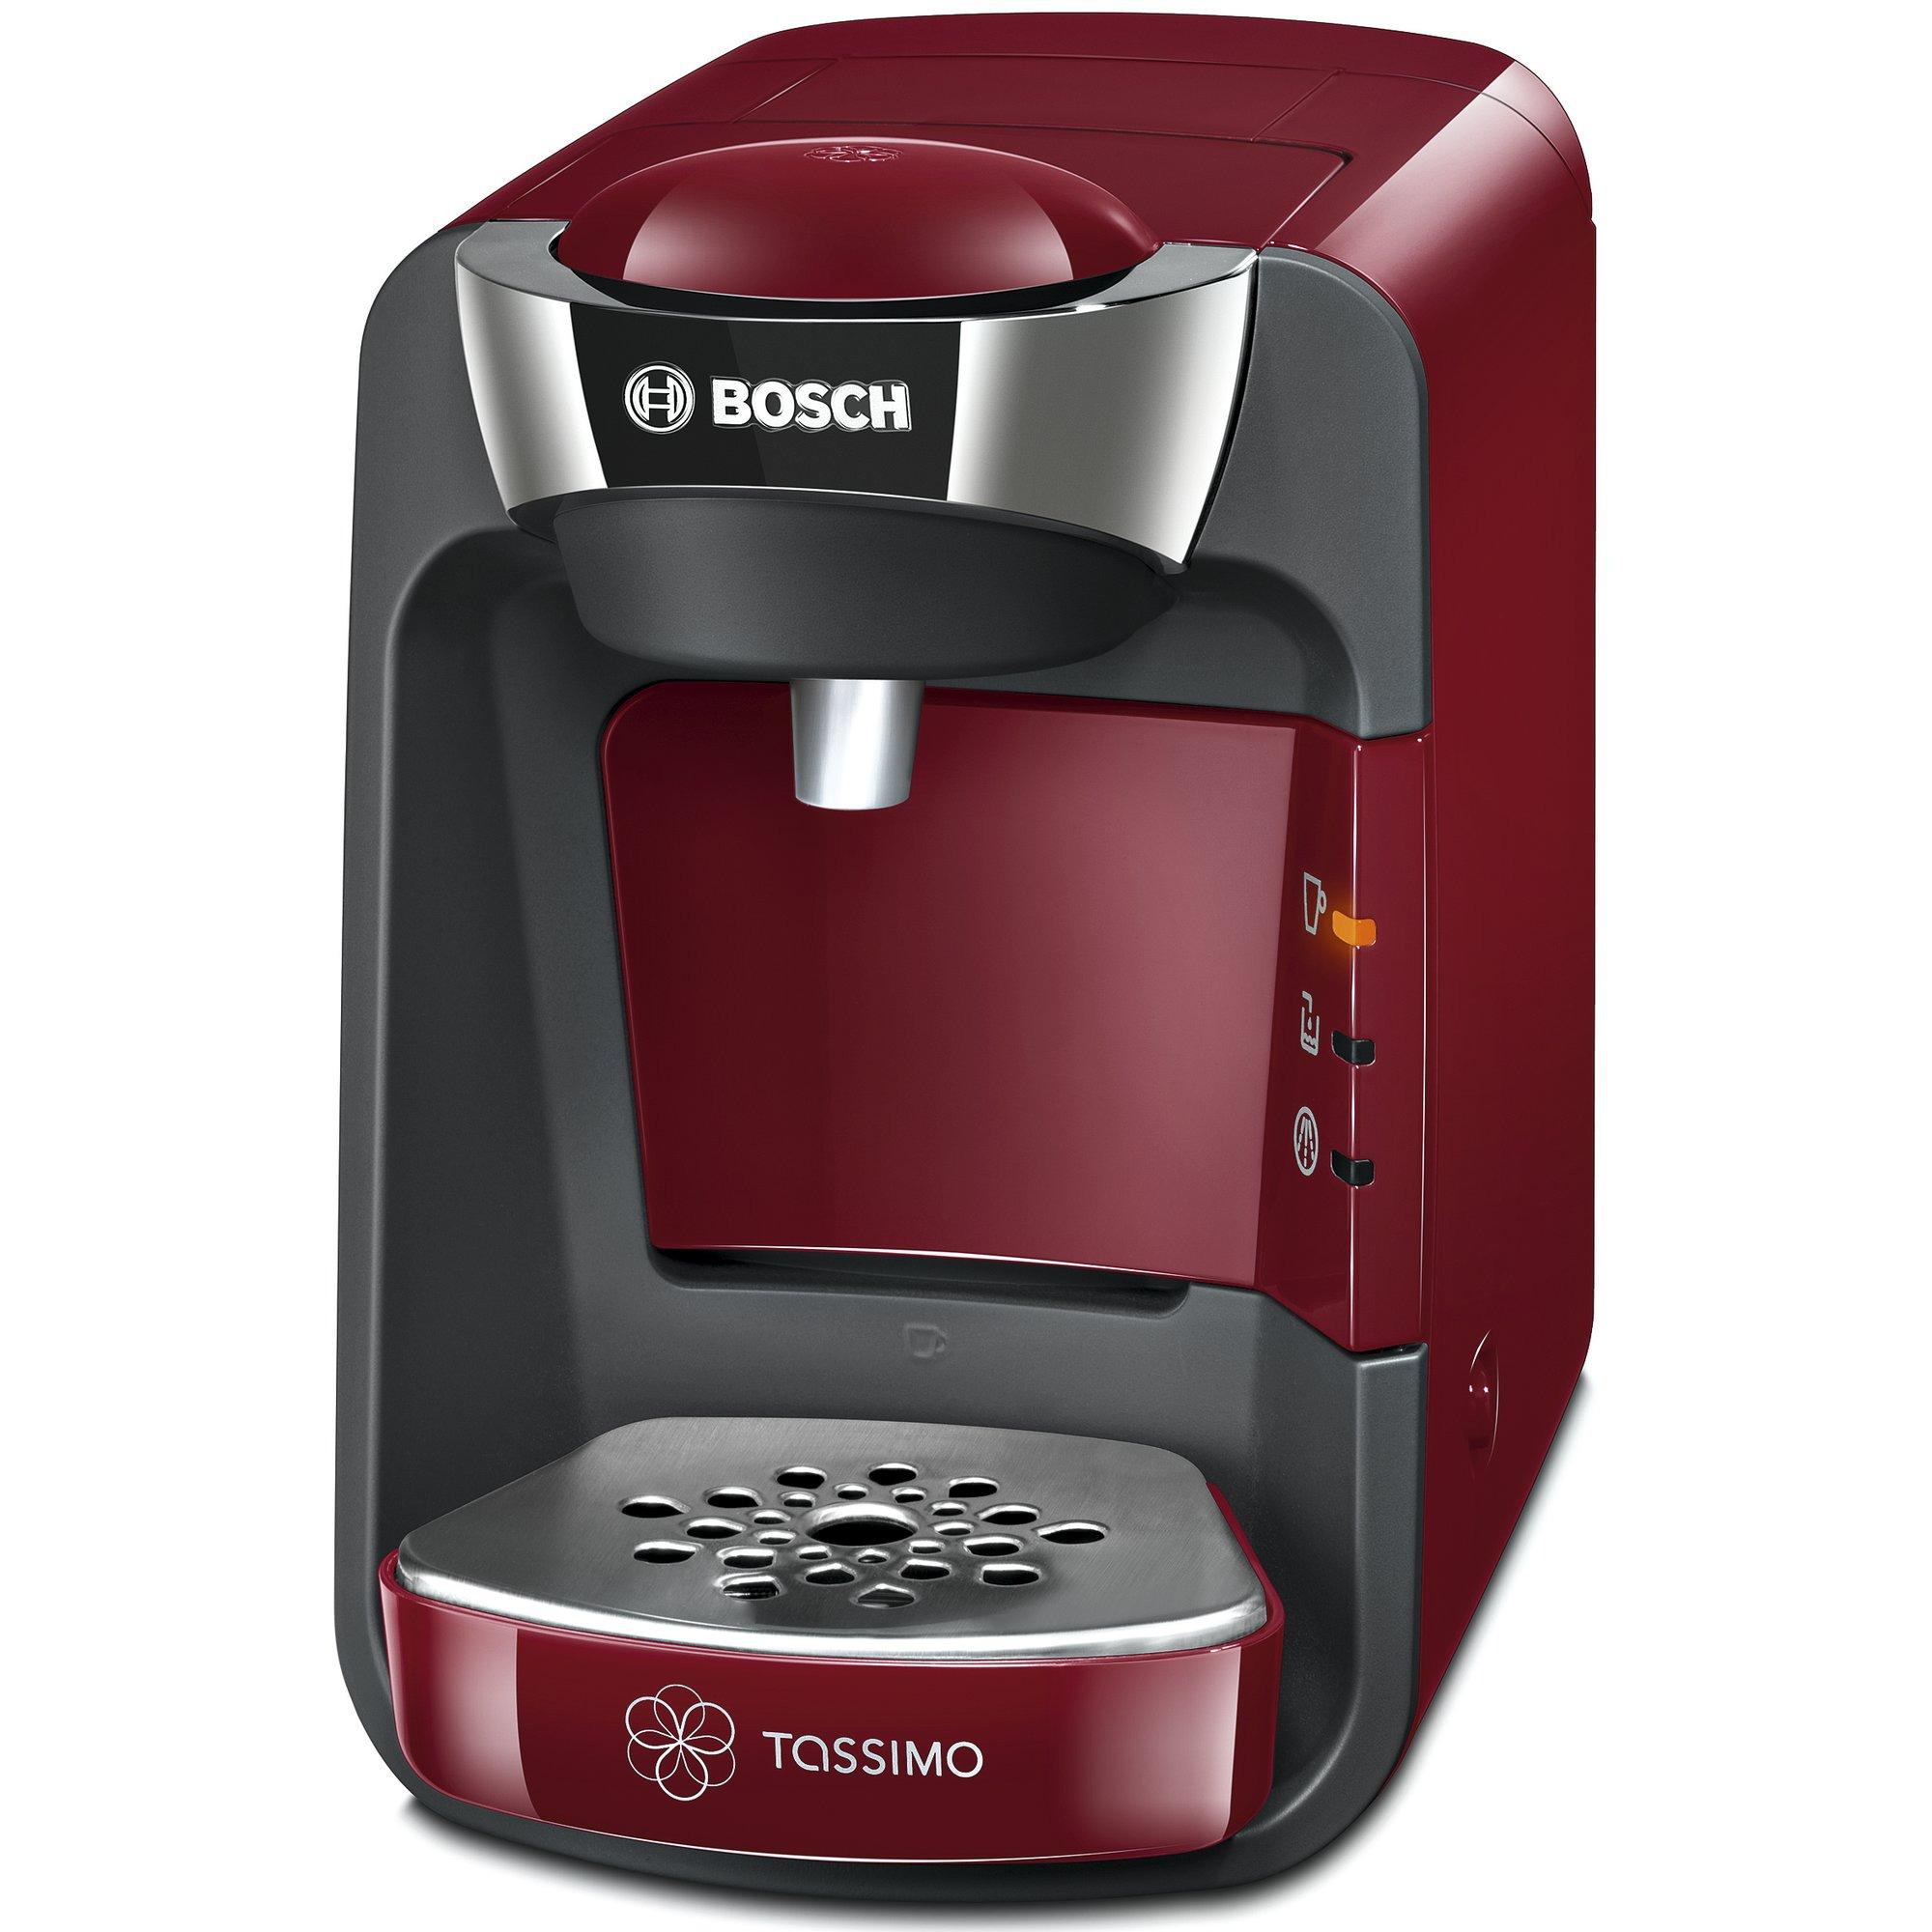 Bosch TAS3203 Multimaskin till varma drycker